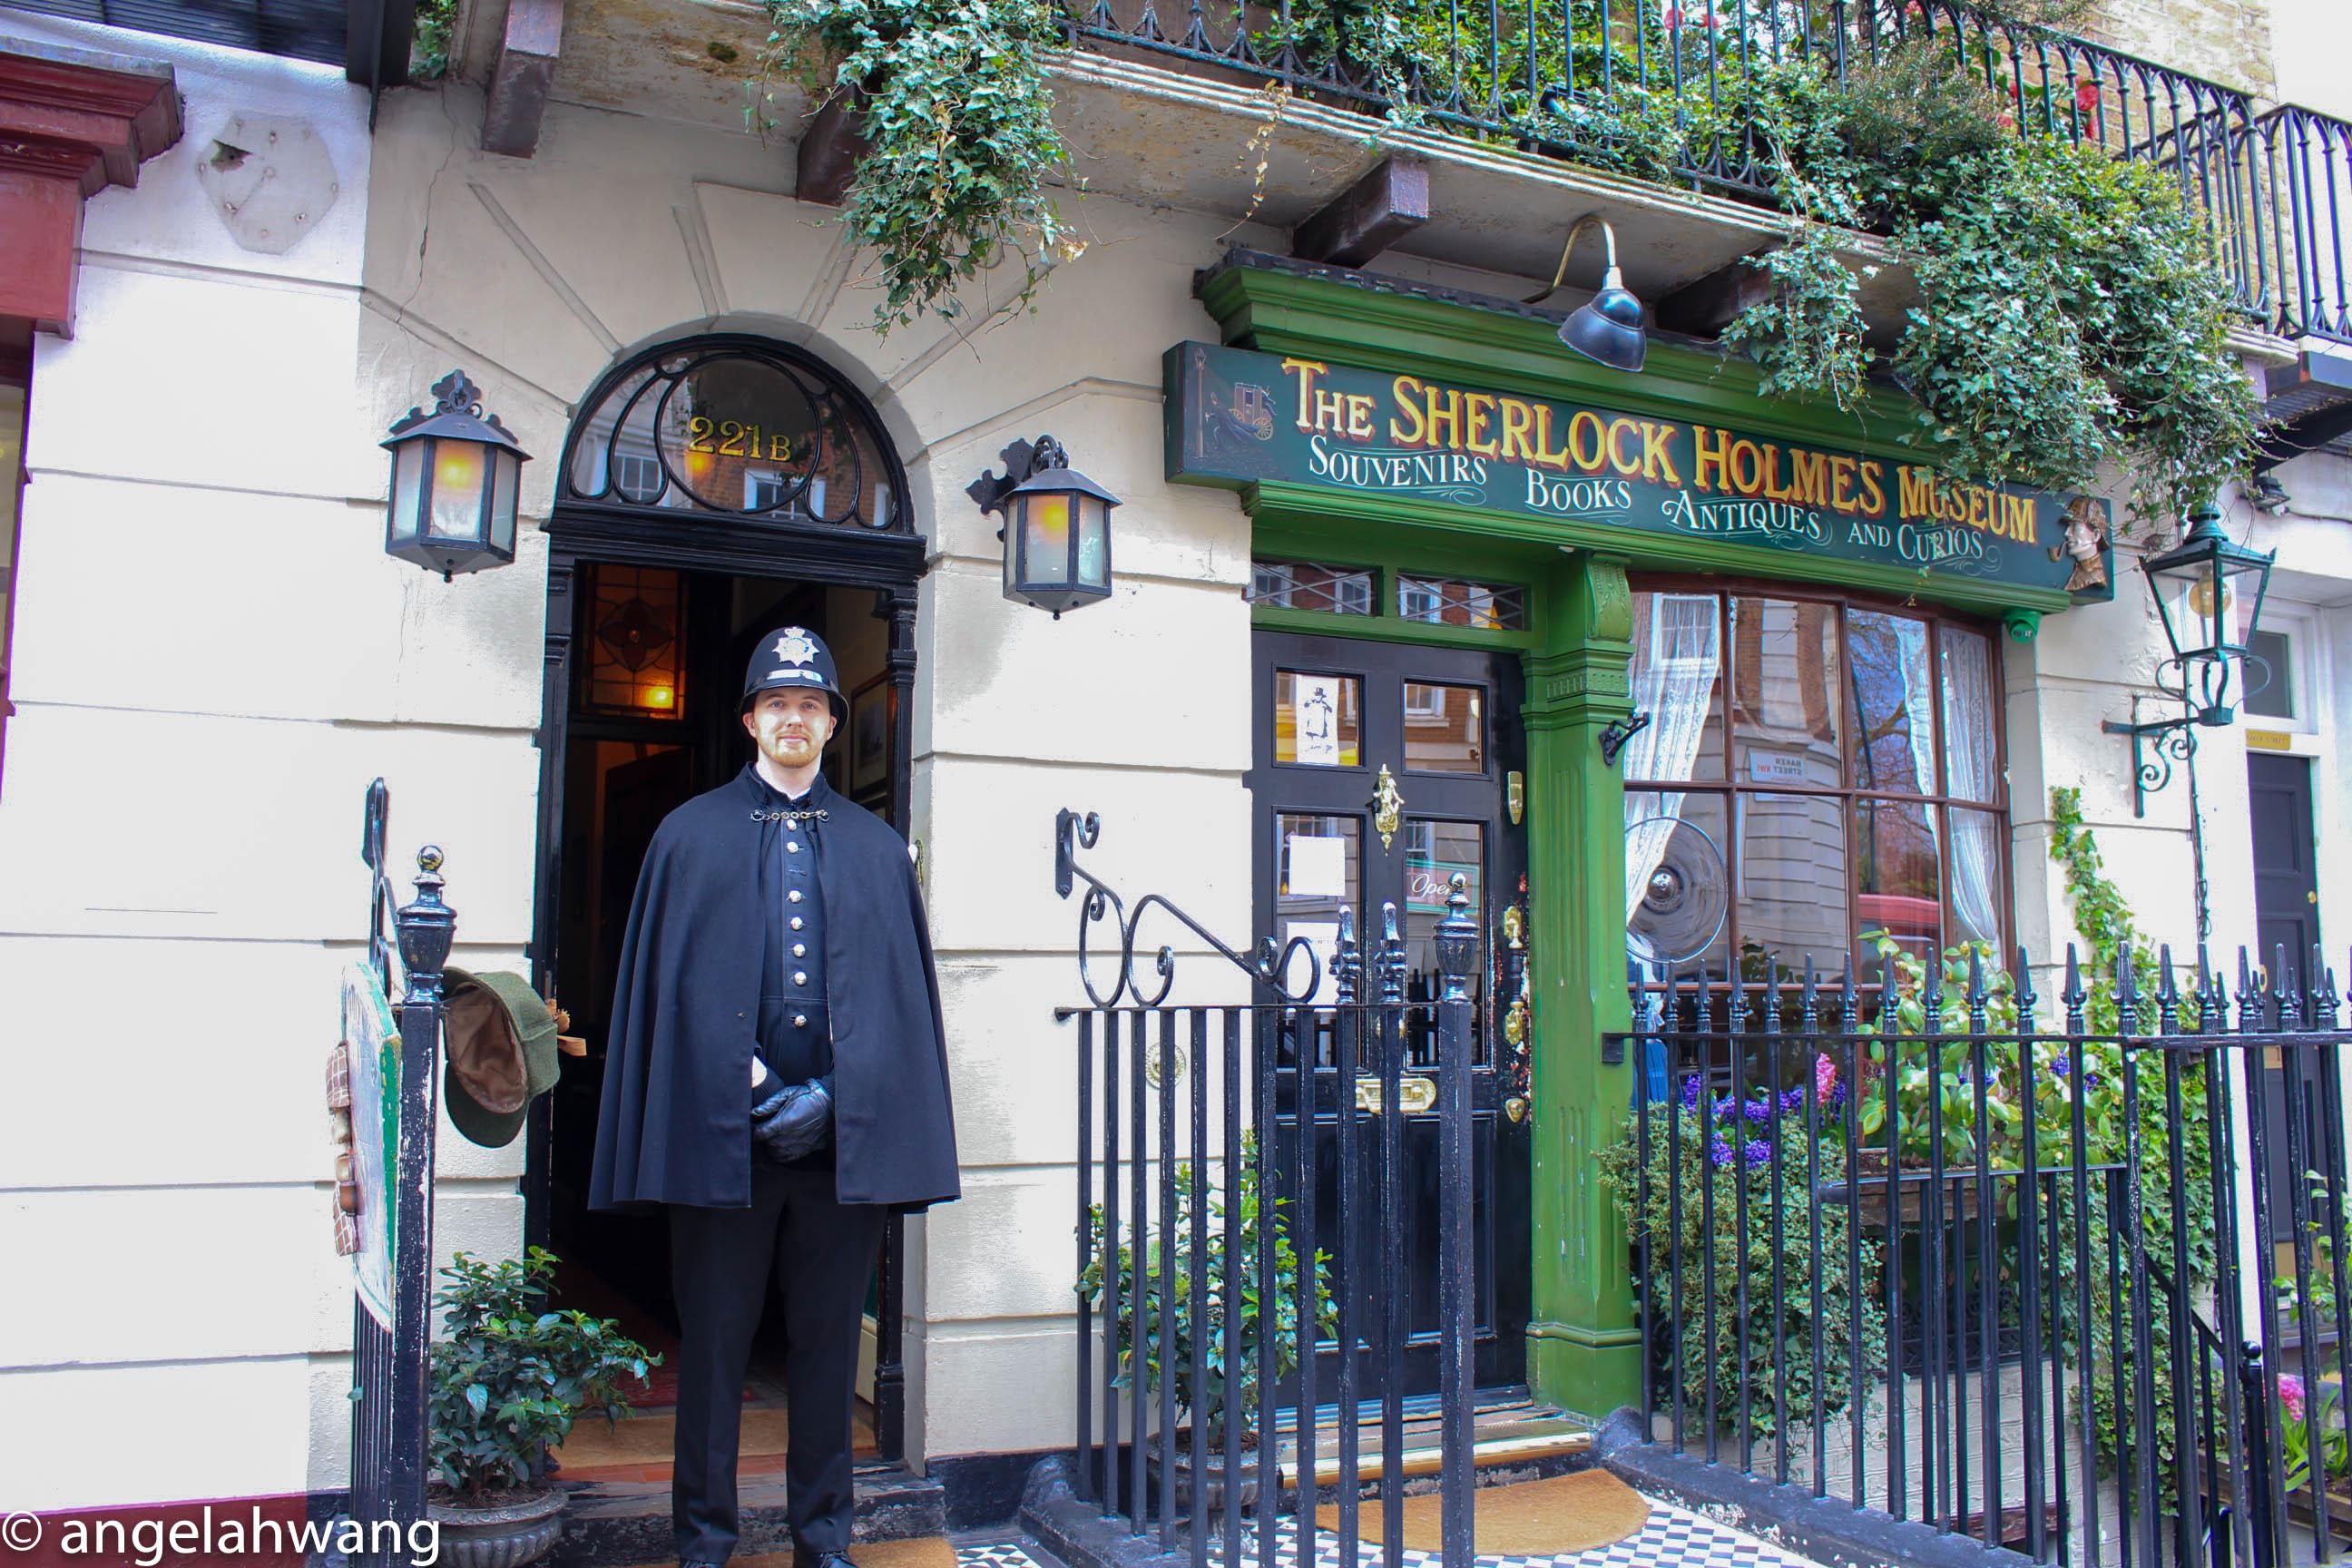 Central London - 221b Baker Street